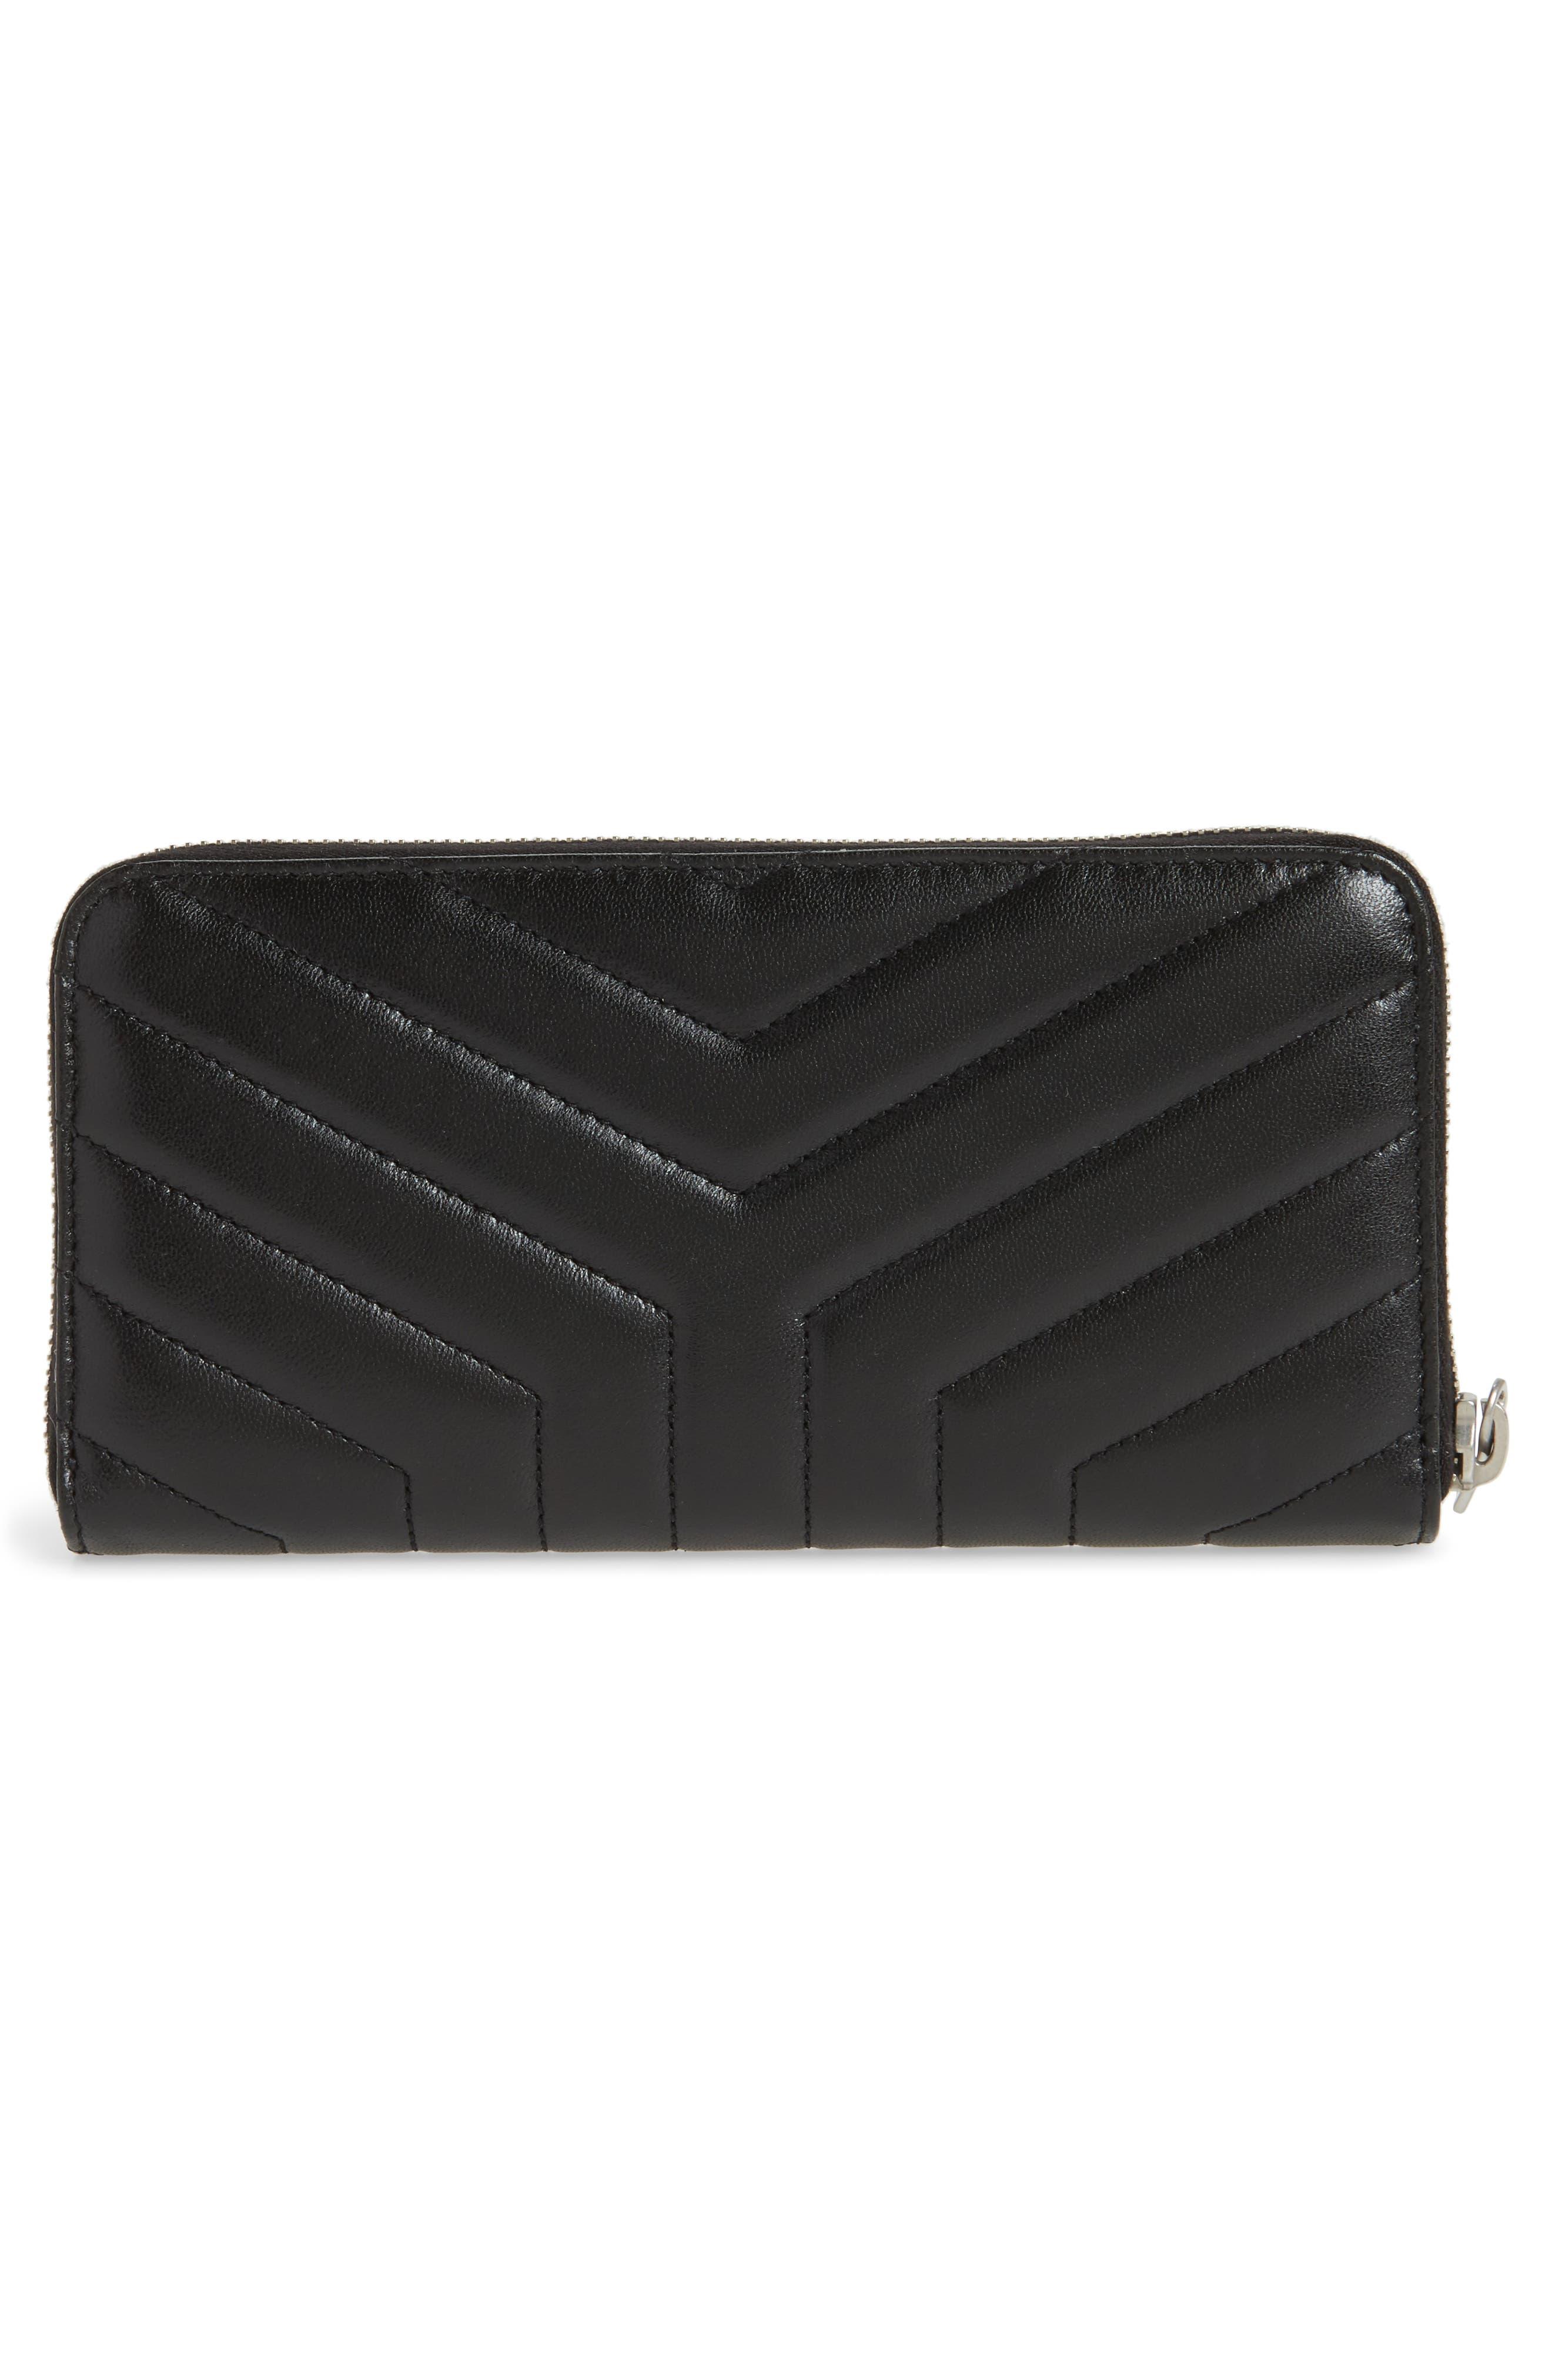 Loulou Matelassé Leather Zip-Around Wallet,                             Alternate thumbnail 3, color,                             NOIR